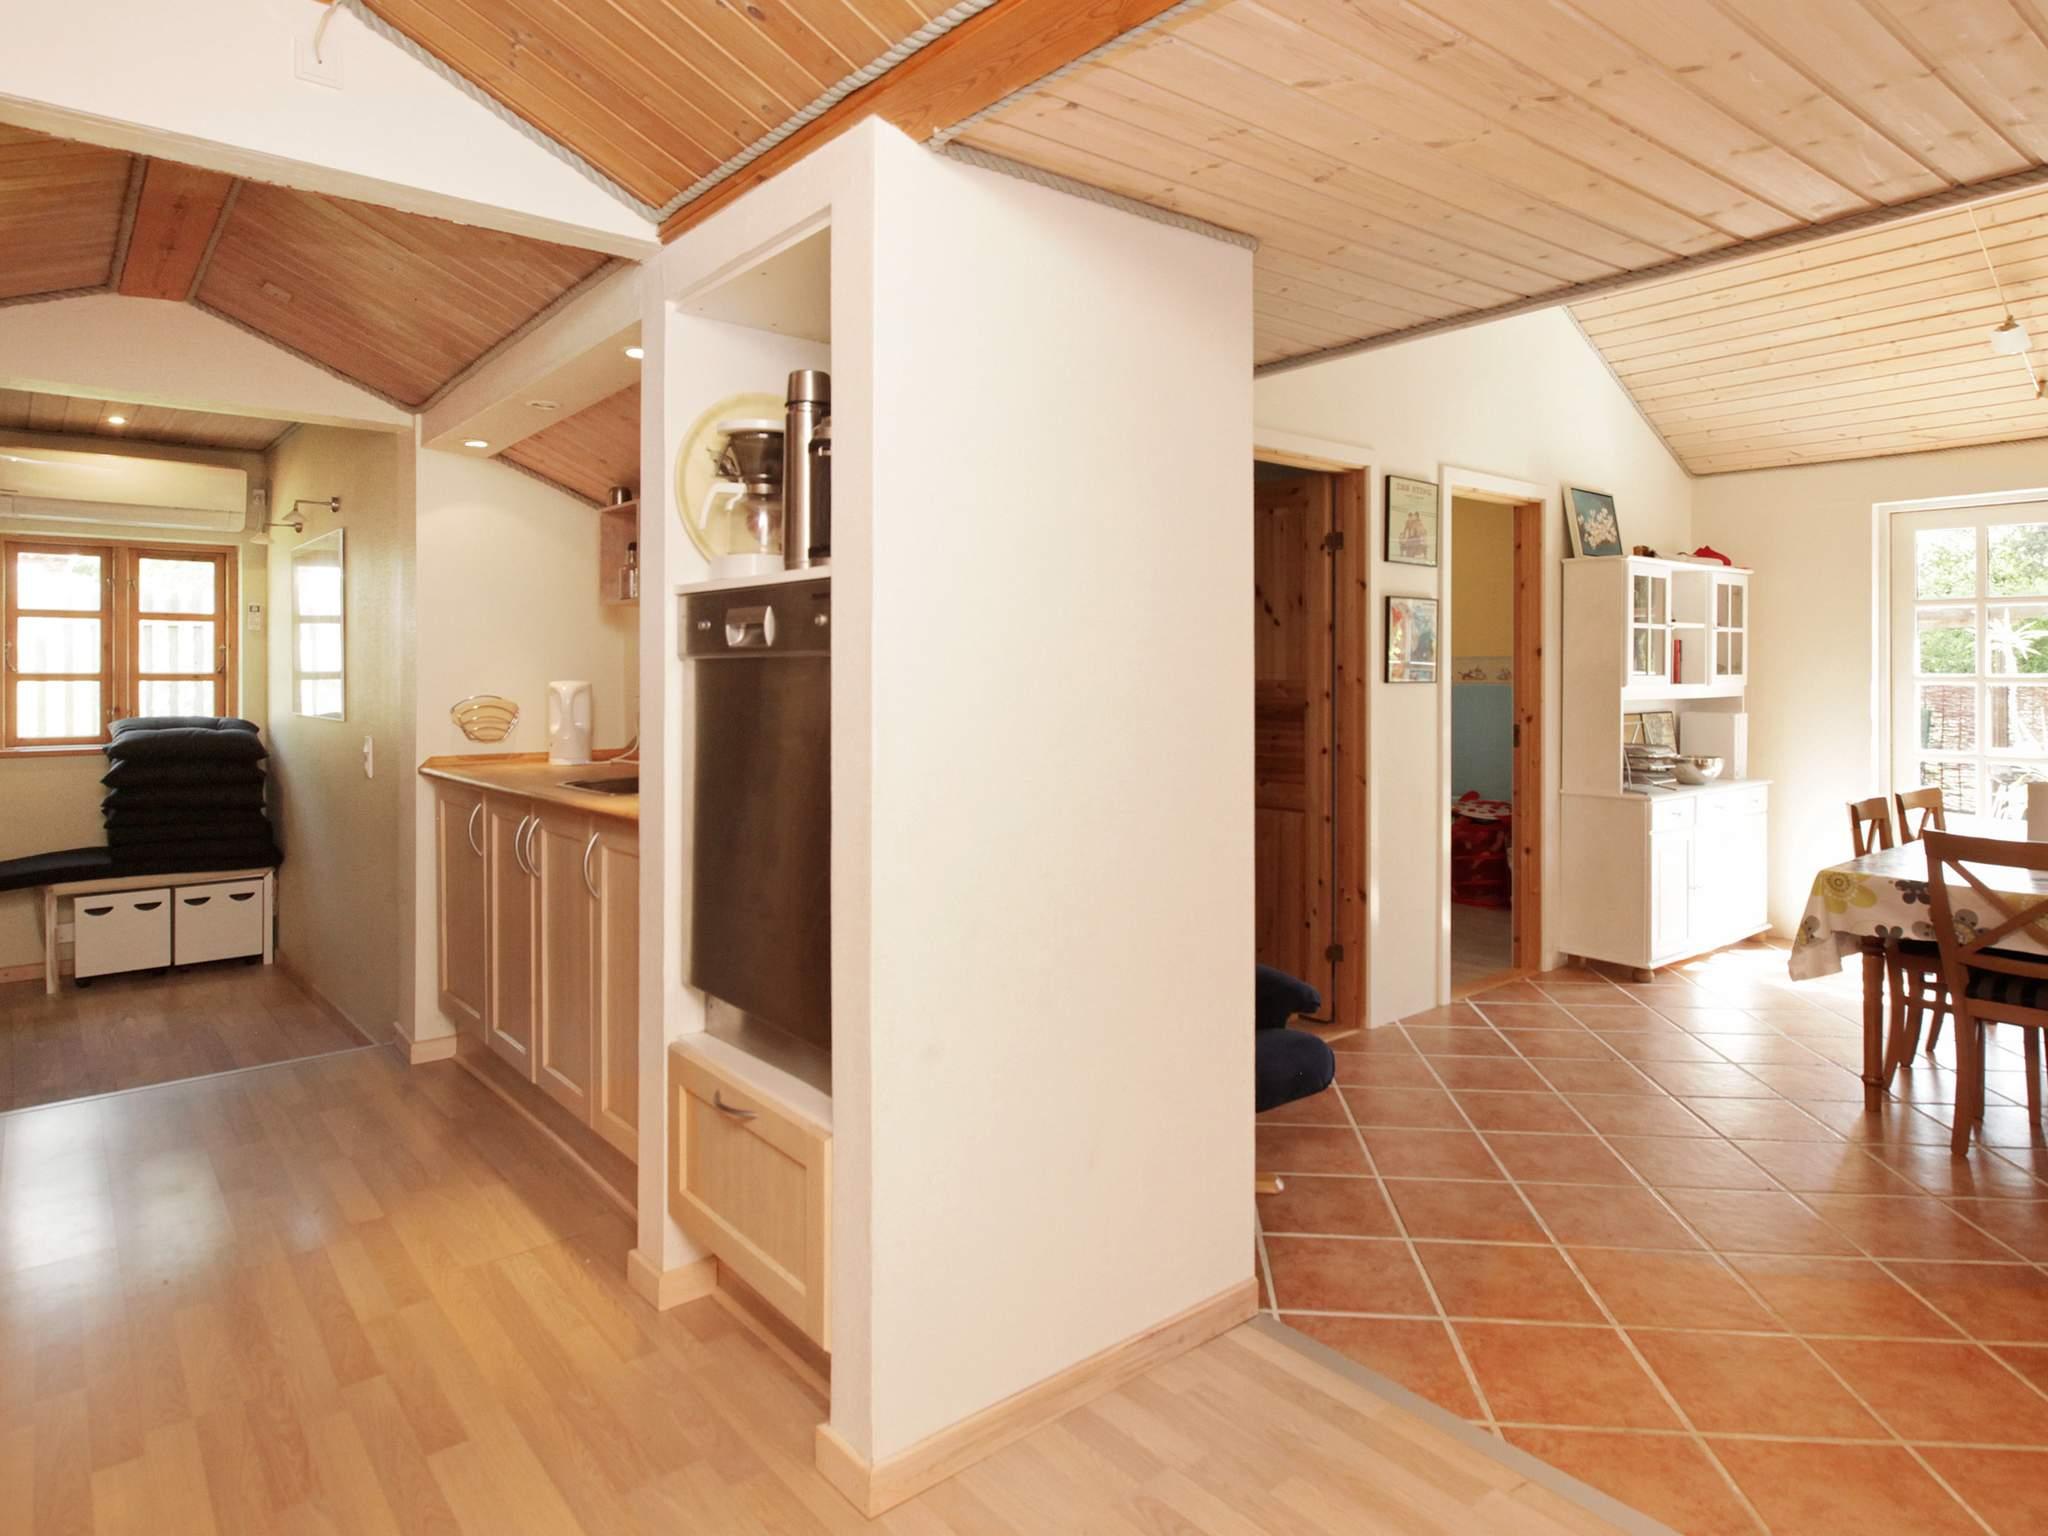 Ferienhaus Kulhuse (2413706), Kulhuse, , Nordseeland, Dänemark, Bild 4